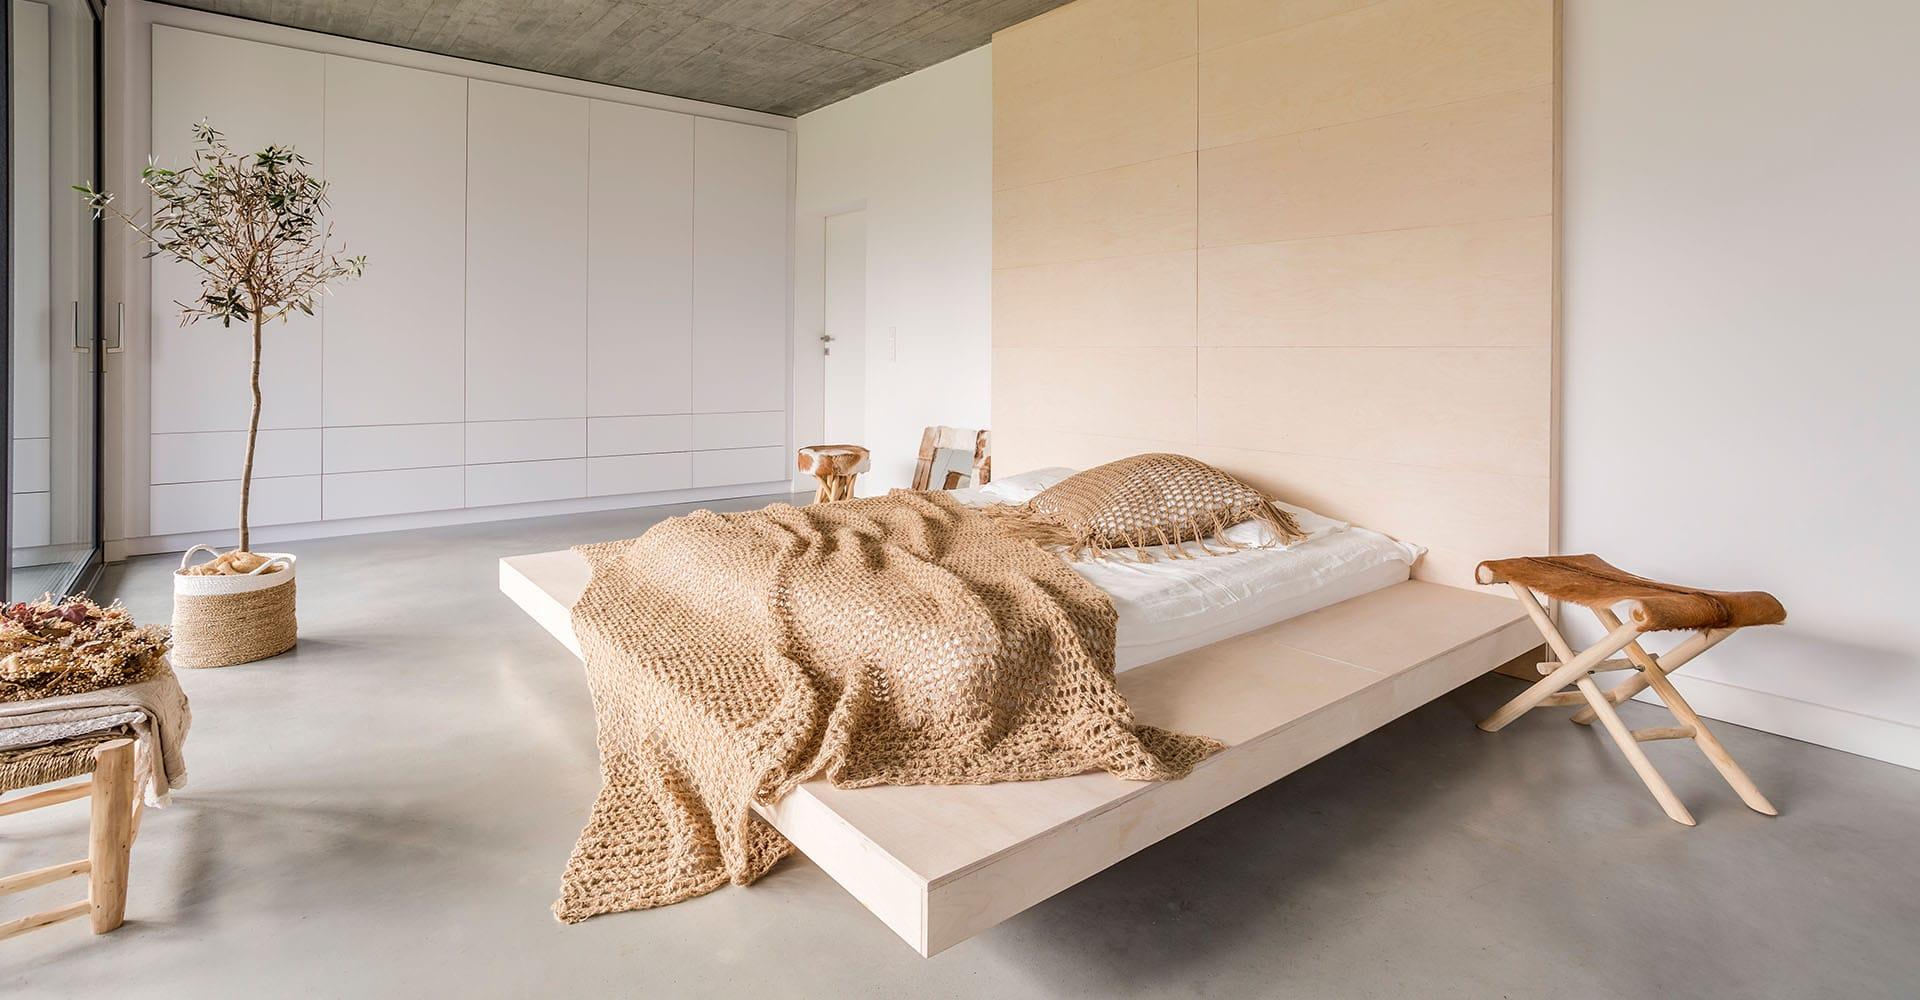 Futonbett in minimalistischem Schlafzimmer